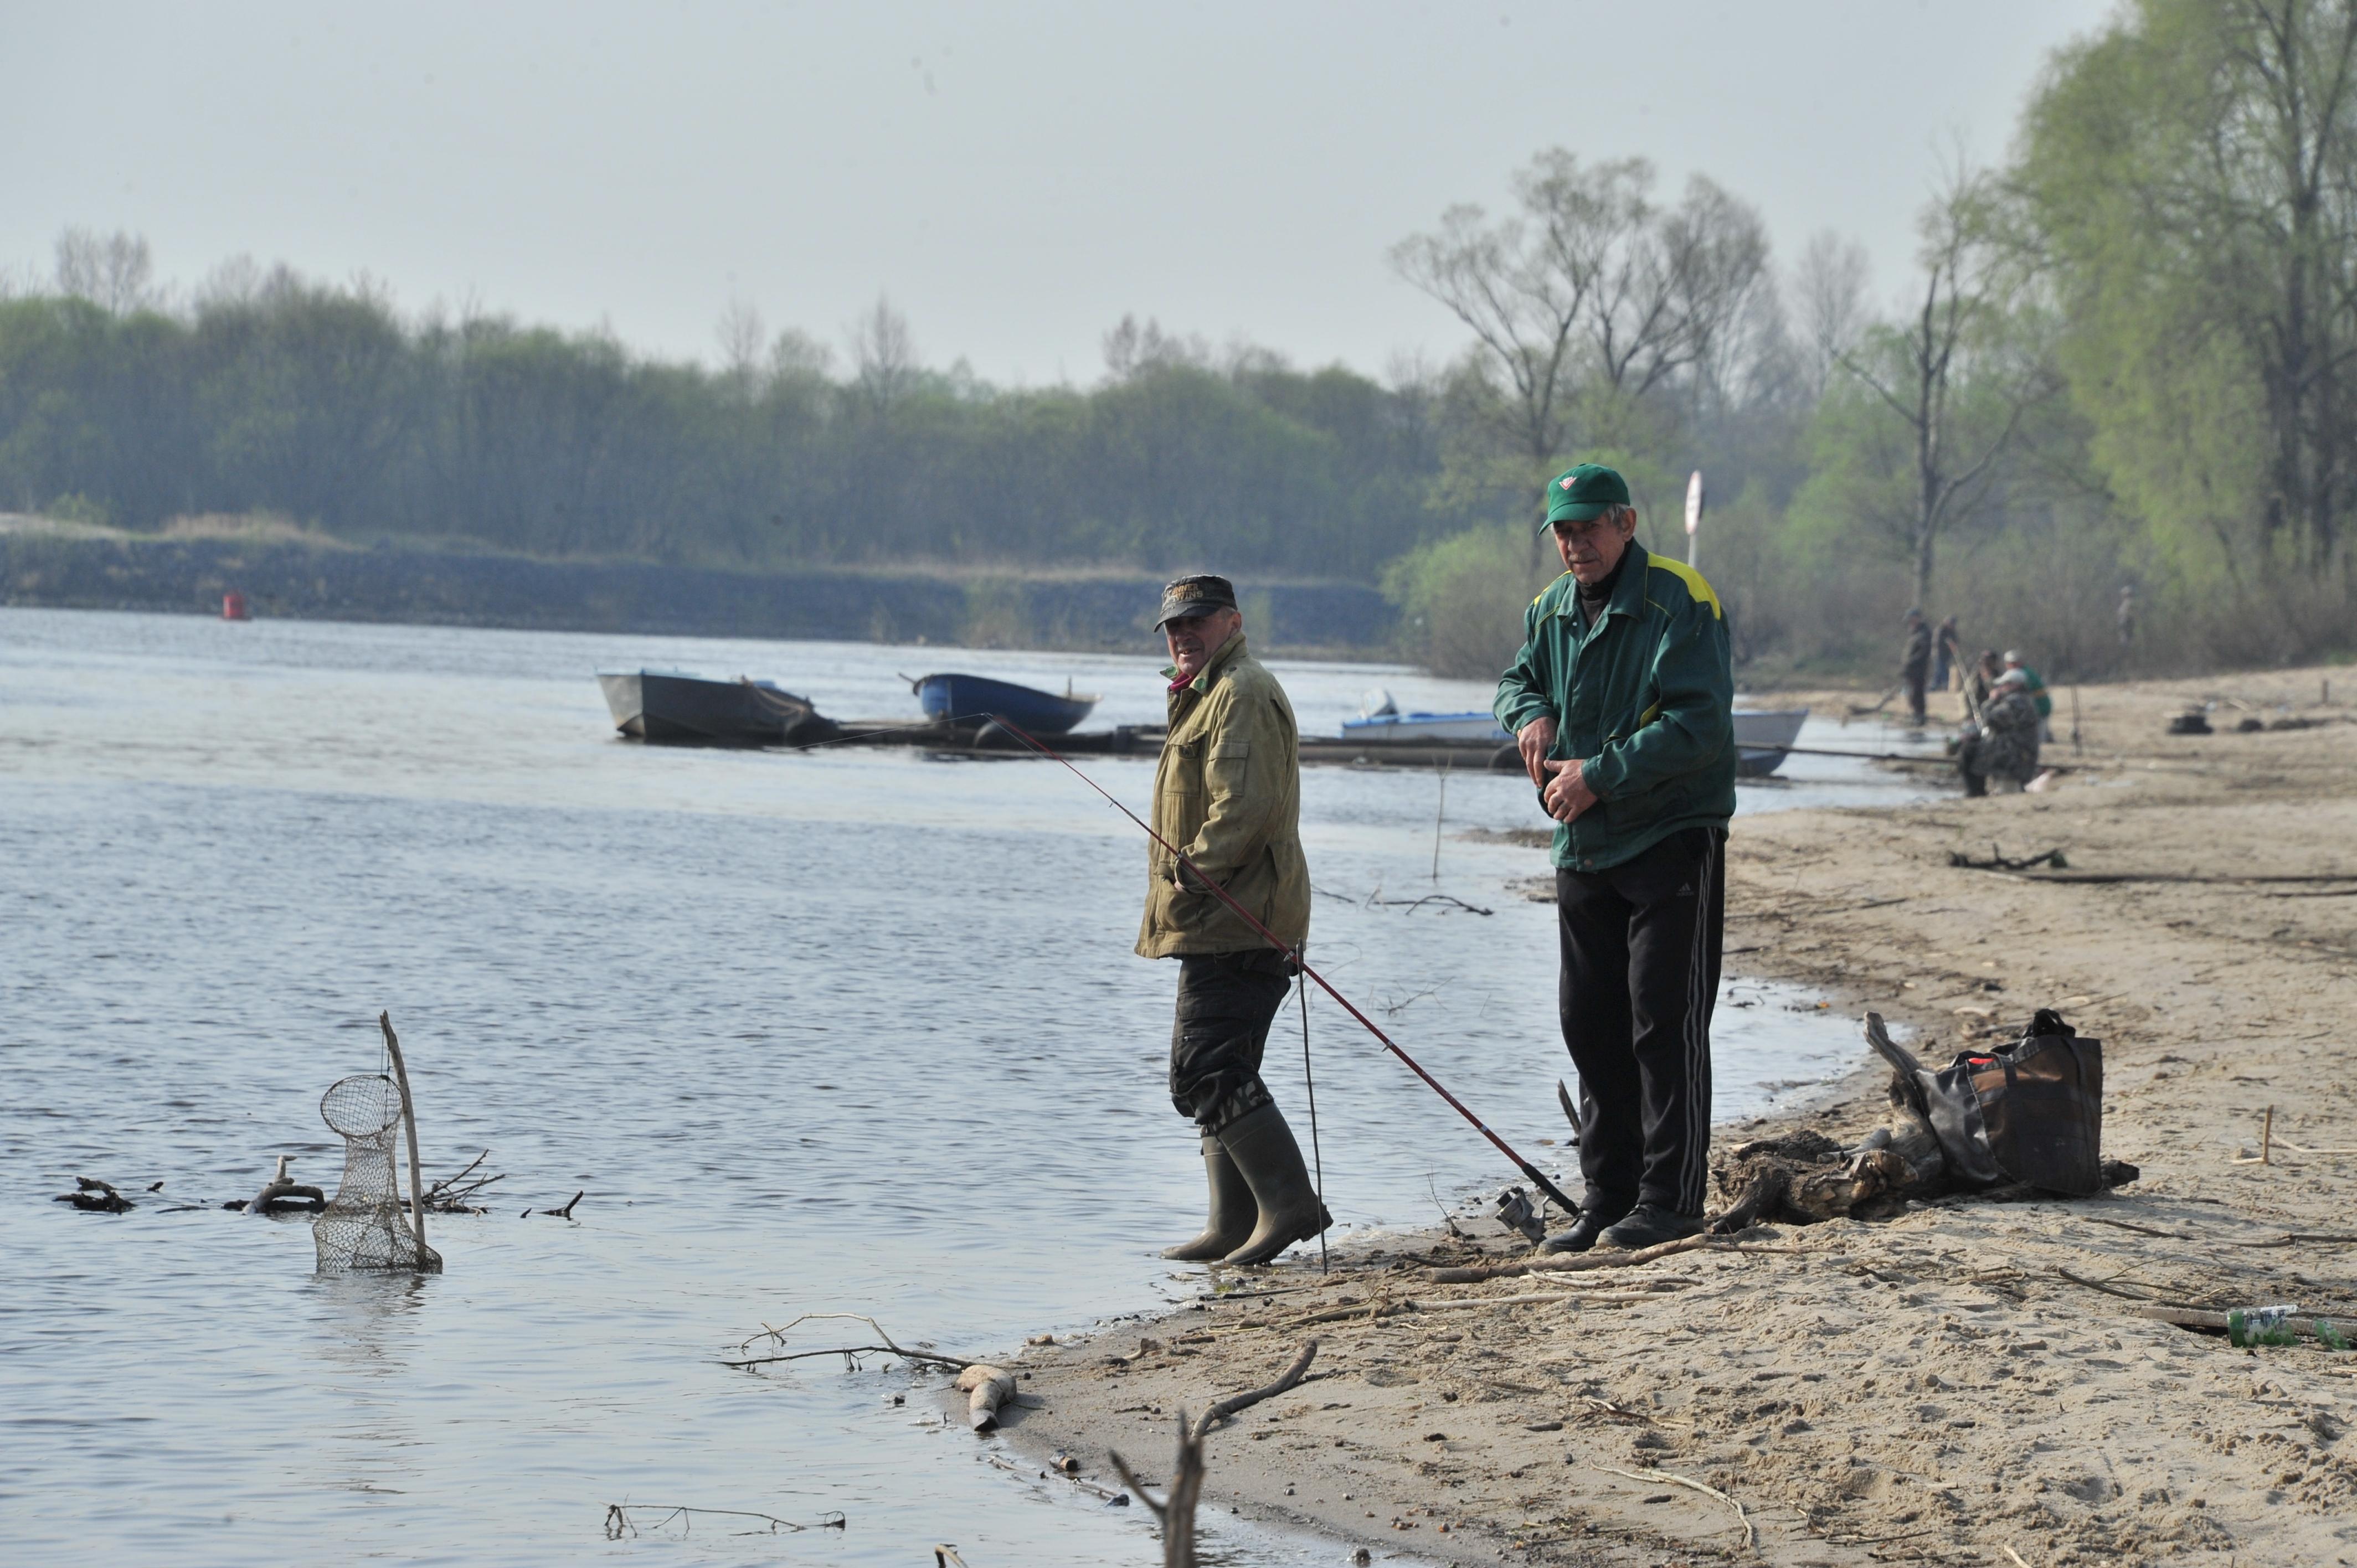 ВПодмосковье ограничили ловлю рыбы